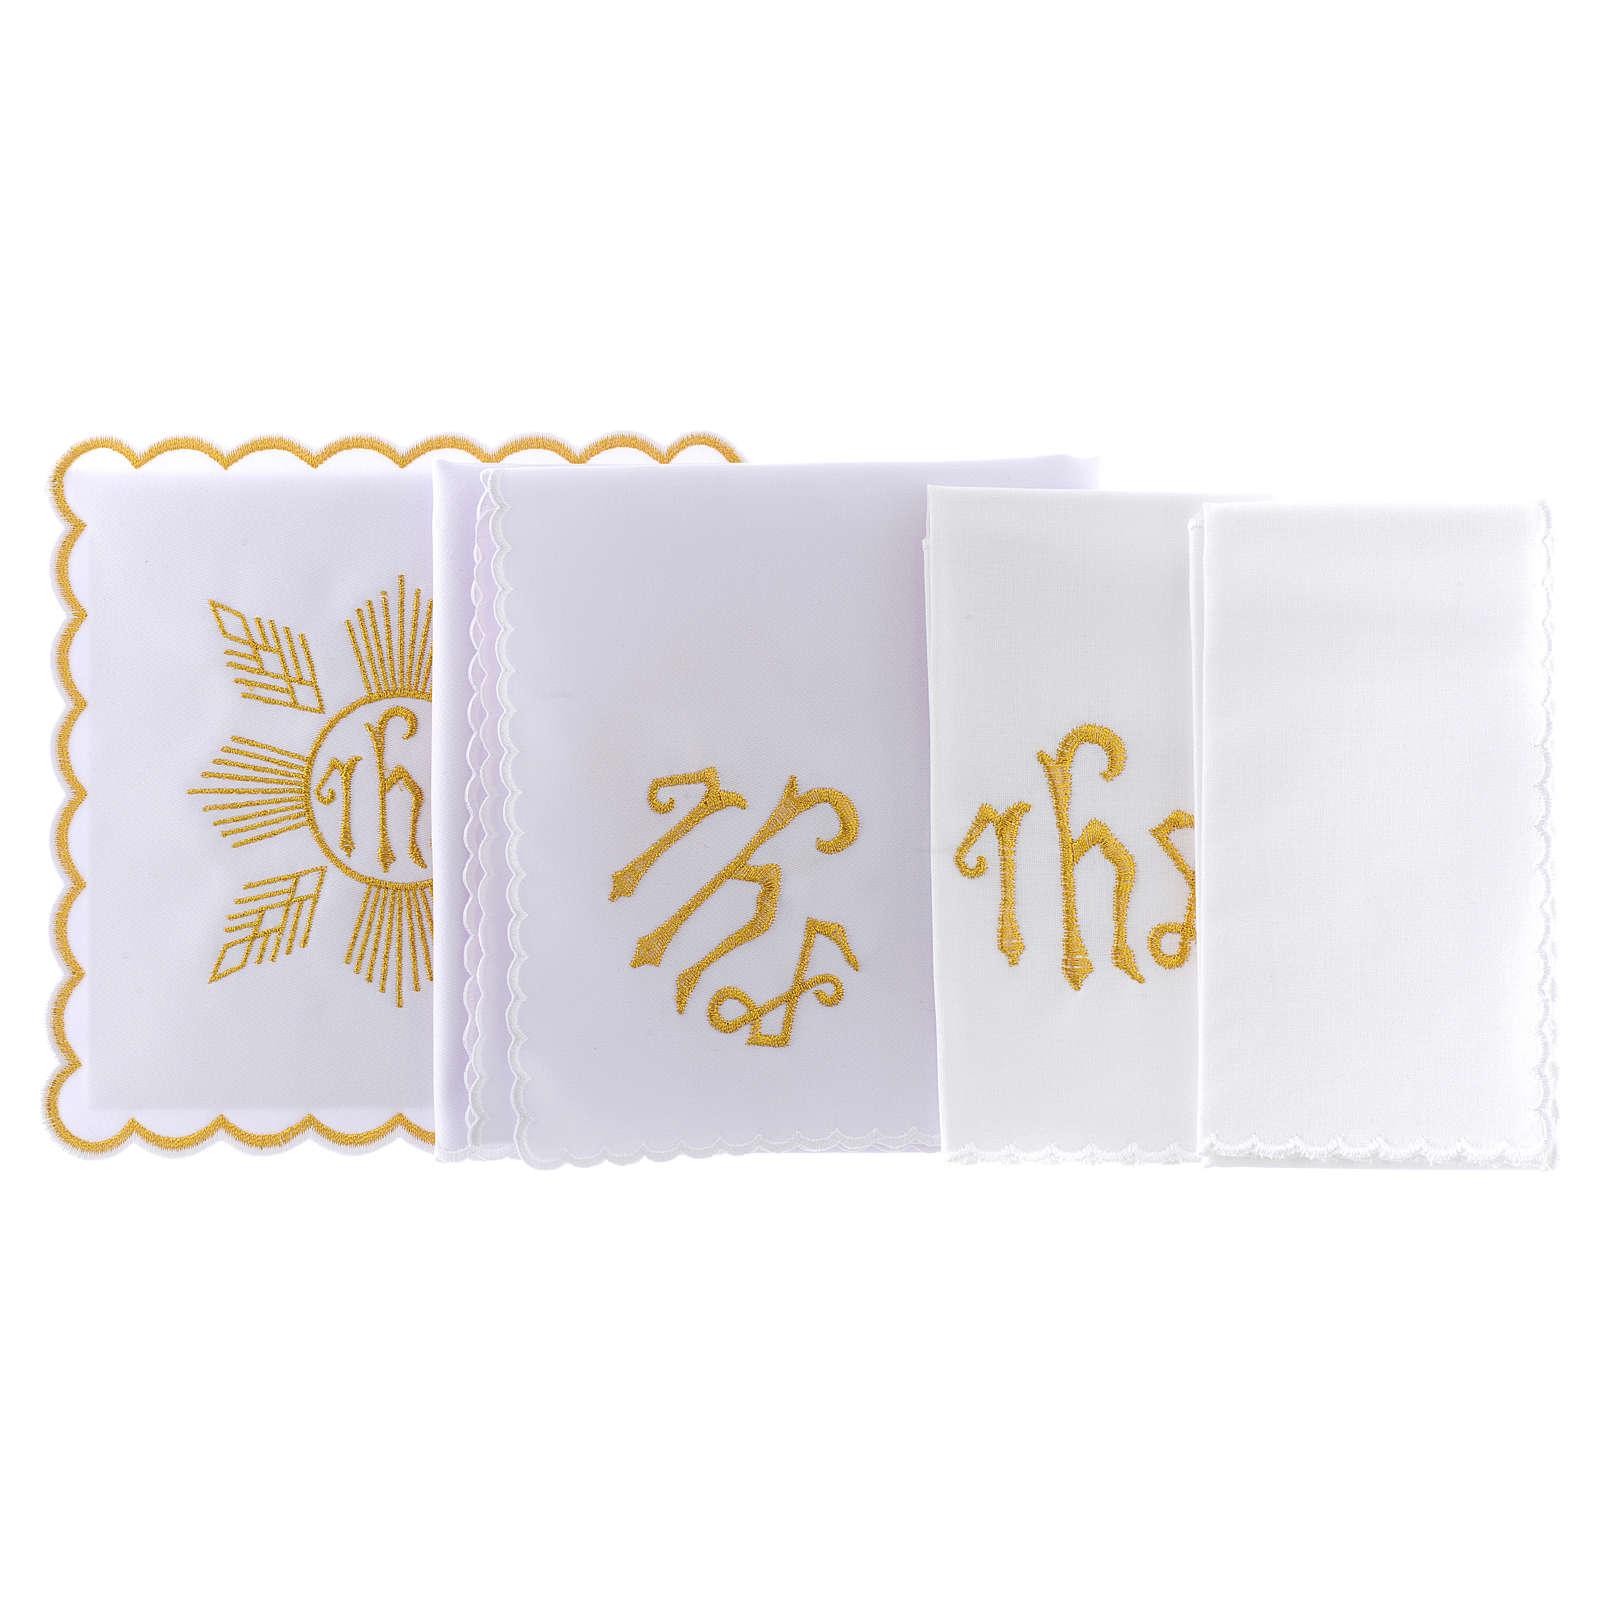 Servizio da altare cotone ricami dorati figure geometriche simbolo JHS 4